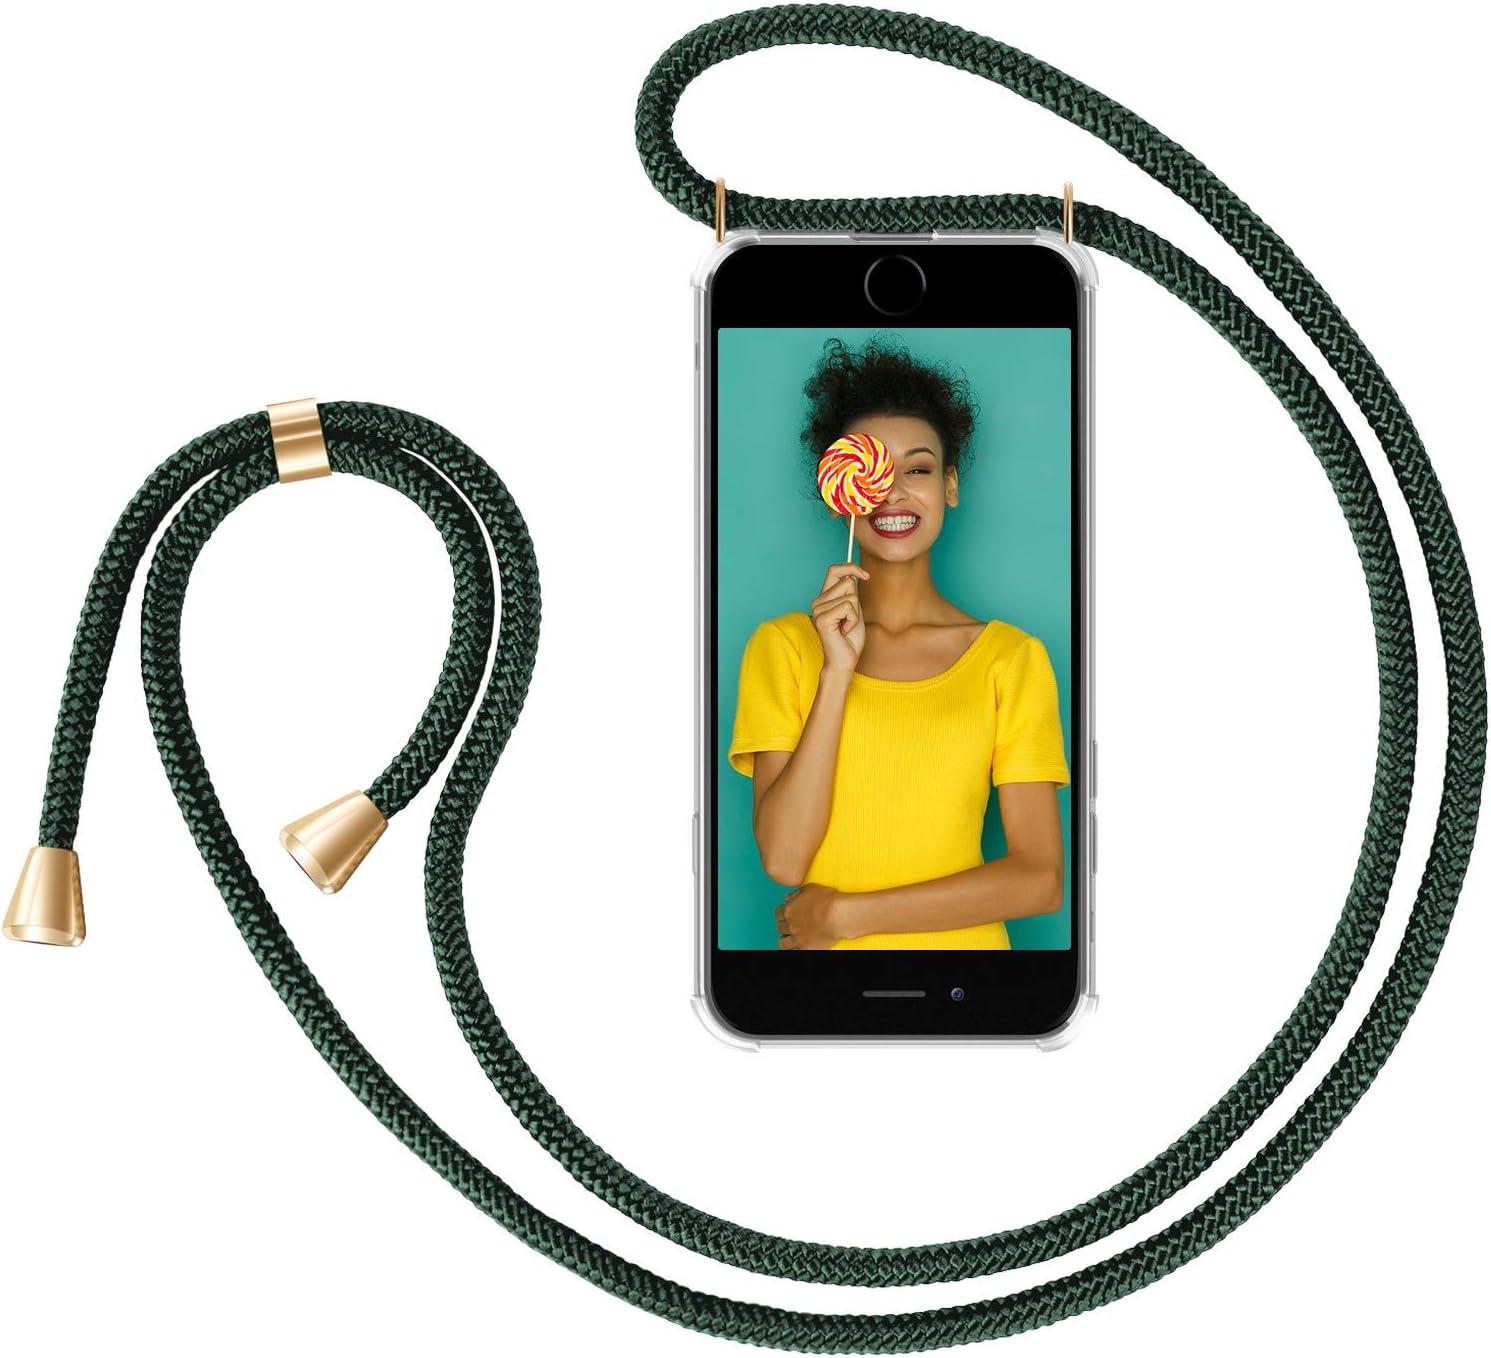 Noir R/éfl/échissant Coque pour Smartphone ZhinkArts Collier pour Apple iPhone 7 Plus // 8 Plus /Ètuis /à Bandouli/ère 5,5 Display /Étui de T/él/éphone avec Cordon